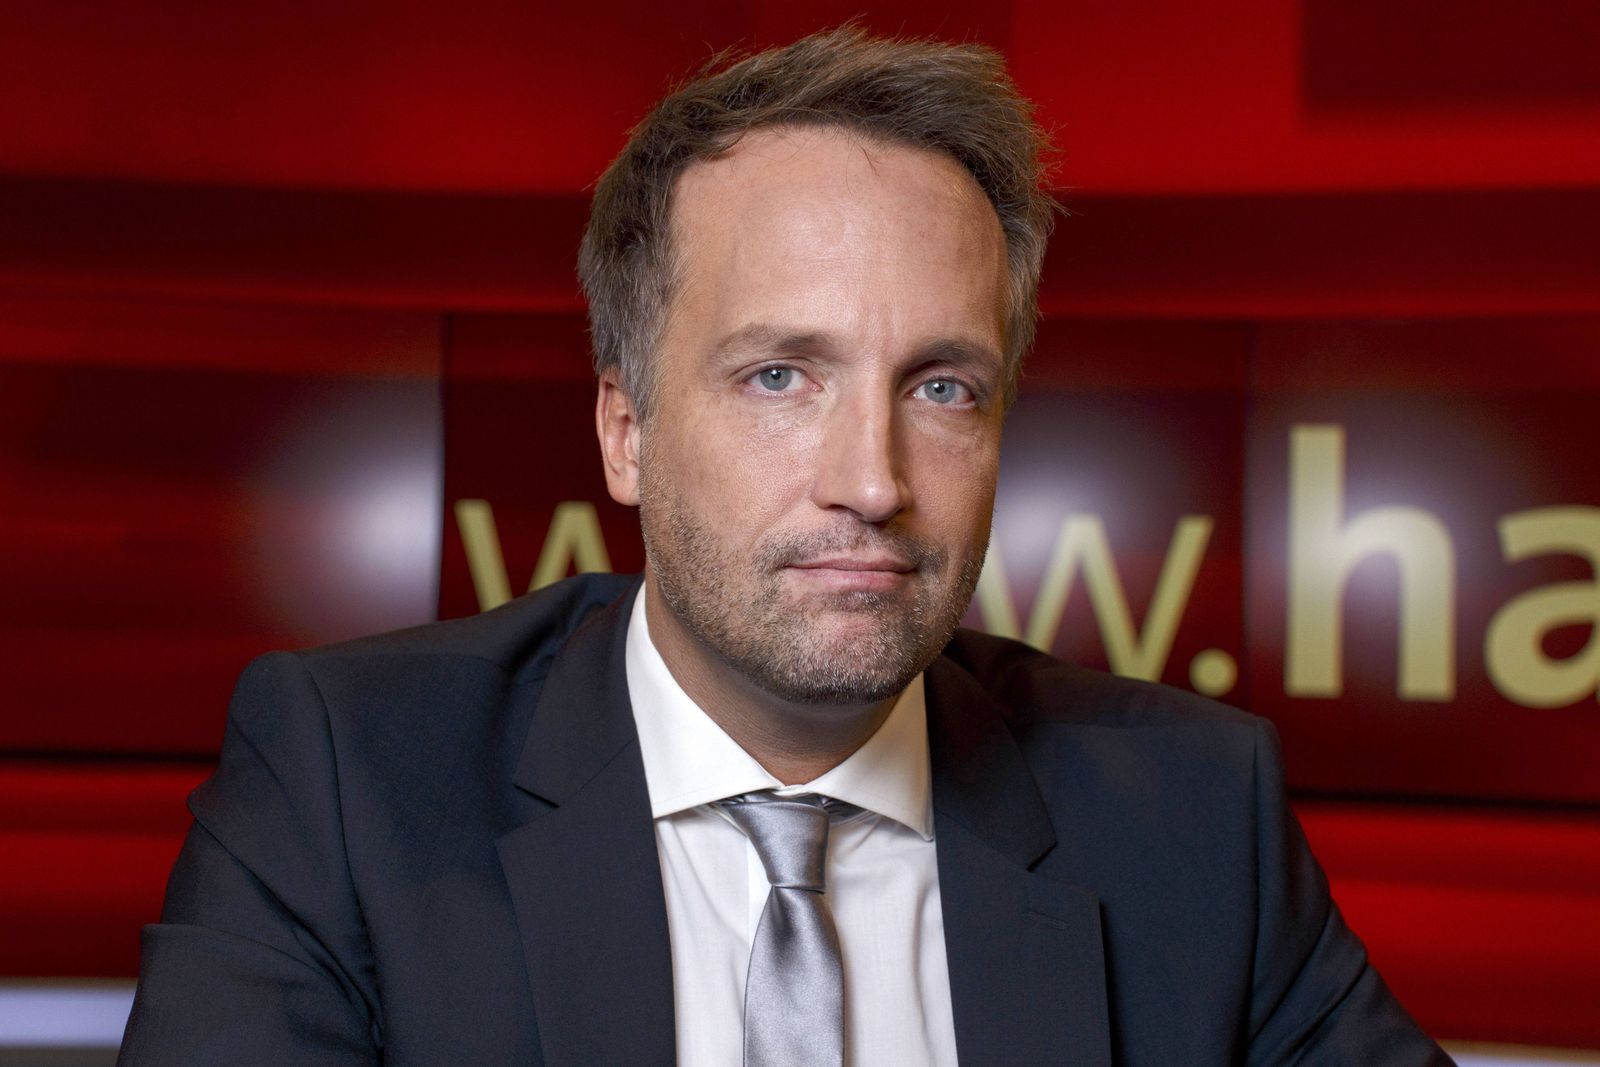 Ralf Höcker in der ARD Talkshow hart aber fair im WDR Fernsehnstudio B Köln 05 12 2016 Foto xC xHa